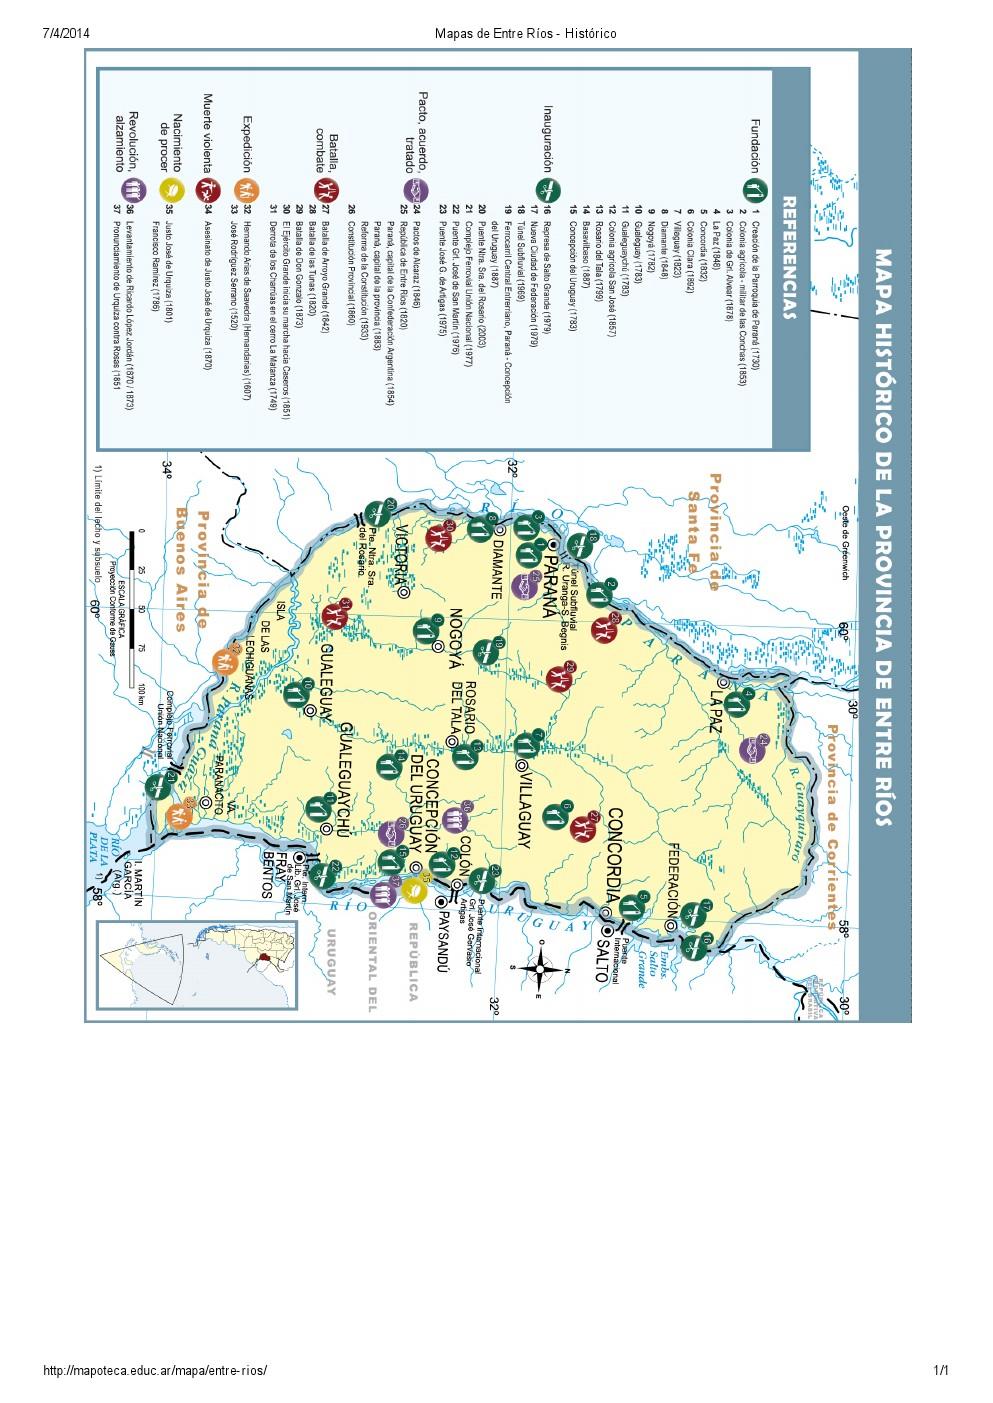 Mapa histórico de Entre Ríos. Mapoteca de Educ.ar